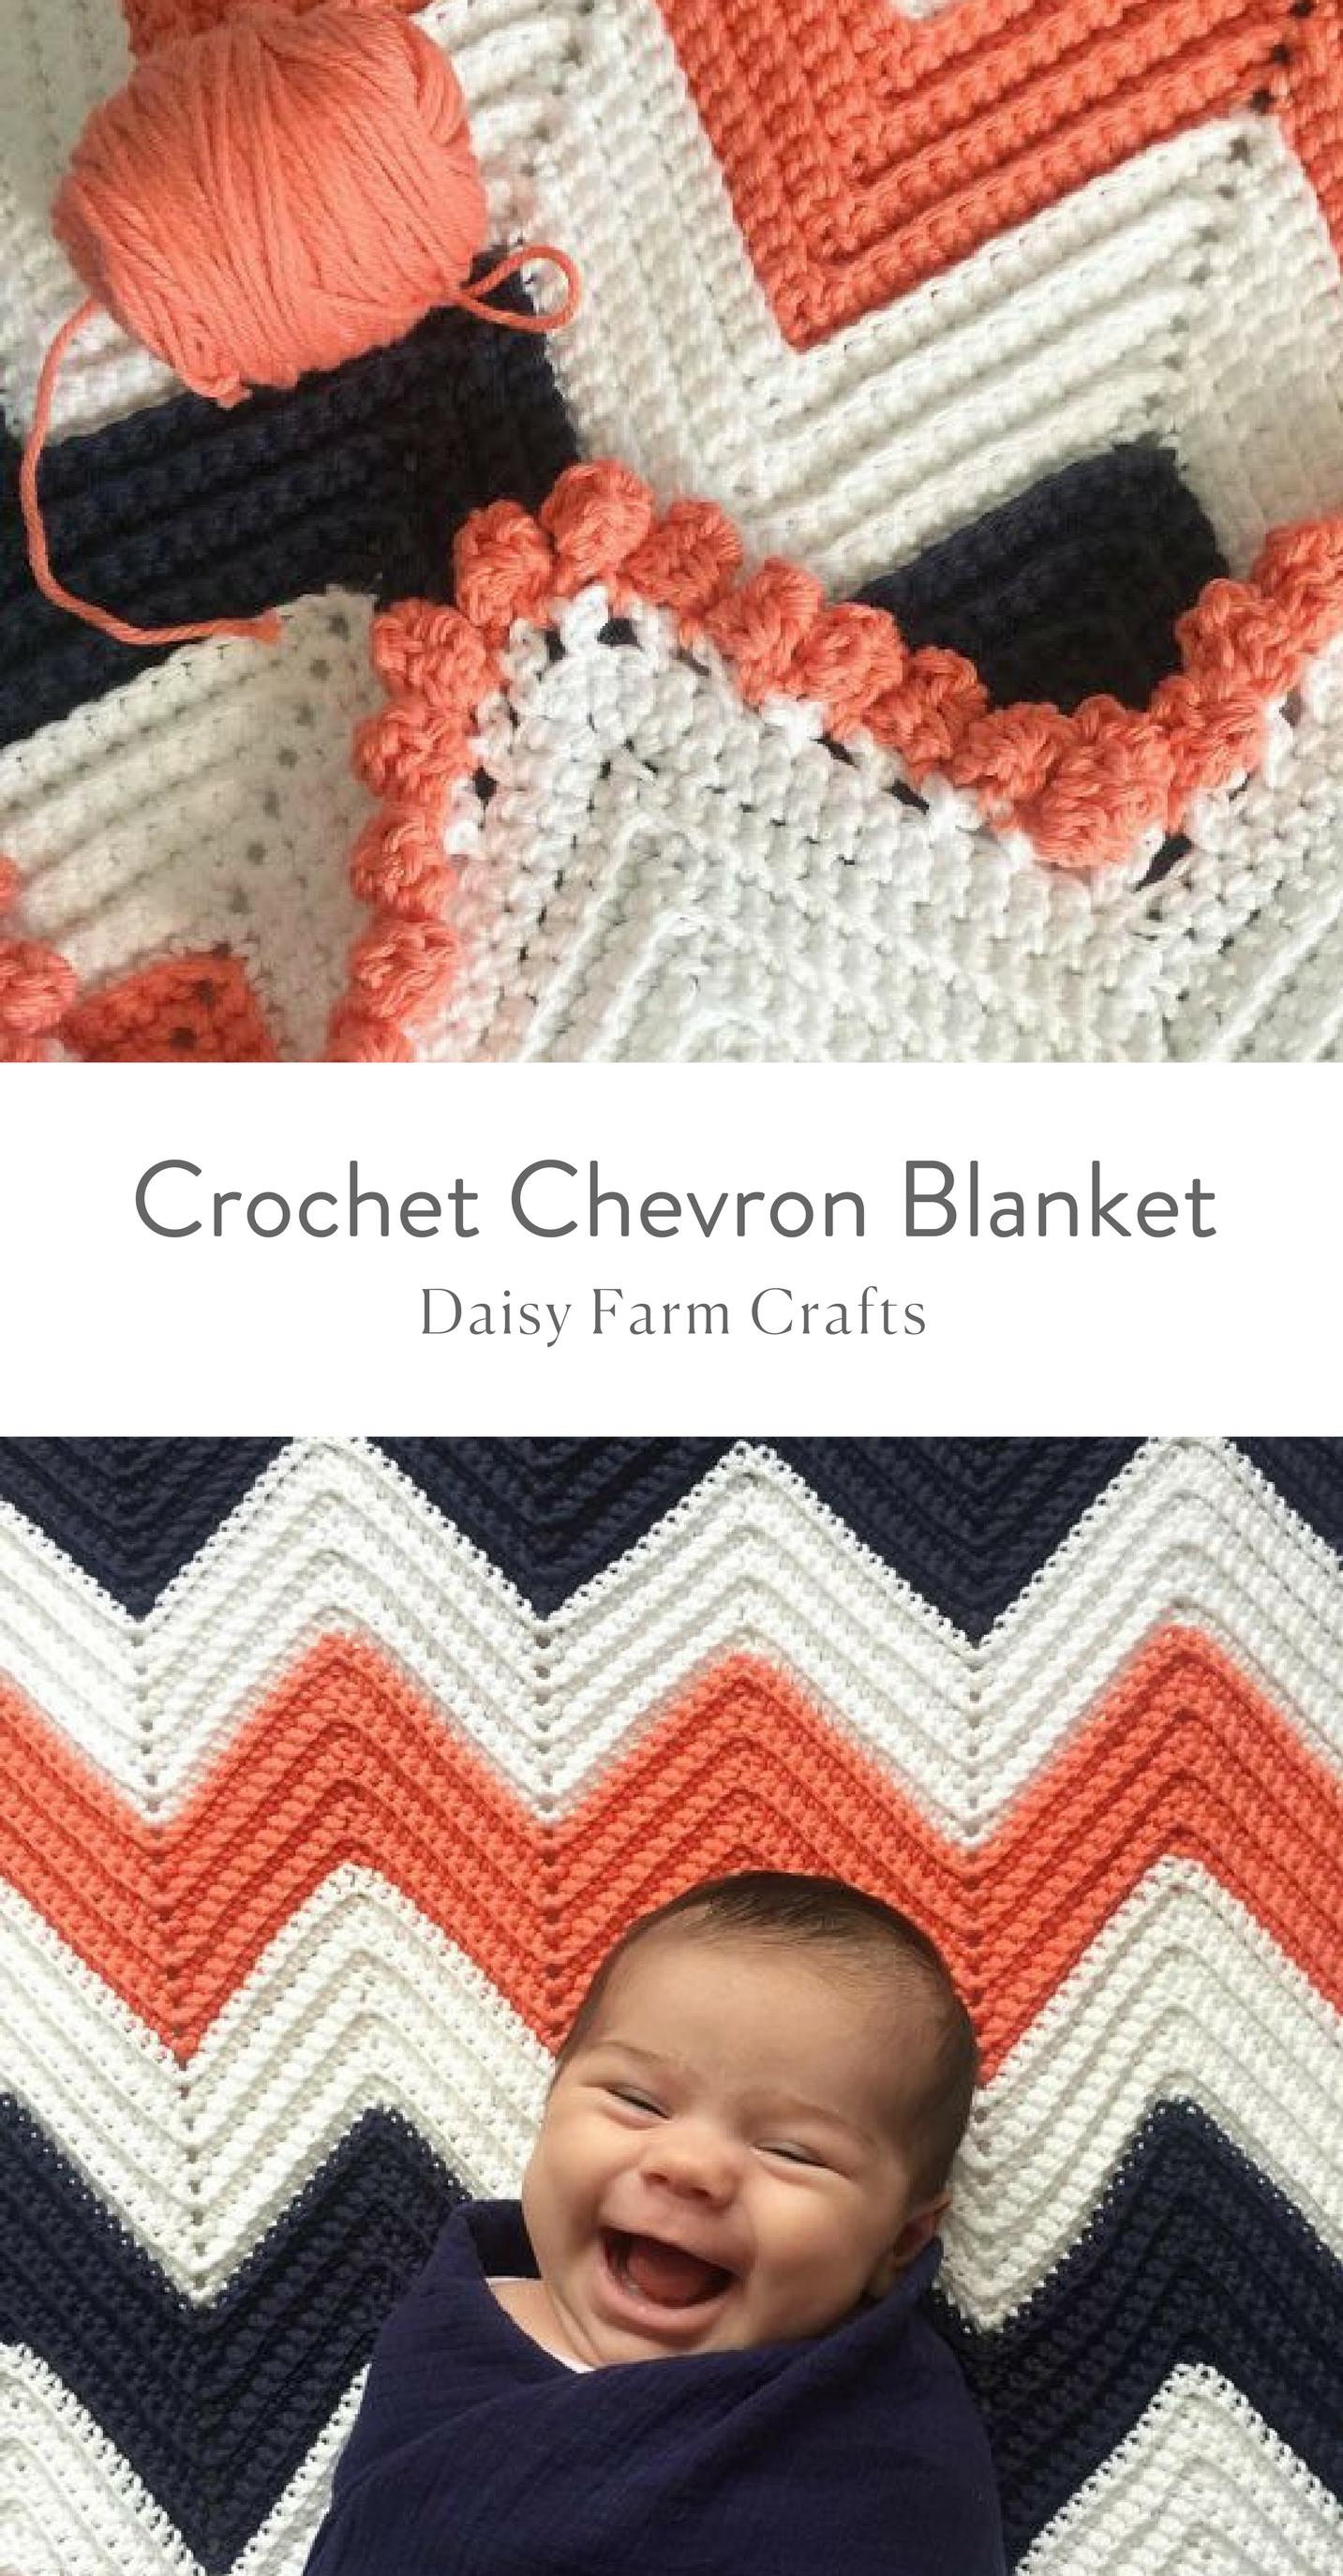 Free Pattern - Crochet Chevron Blanket | Crochet Patterns ...